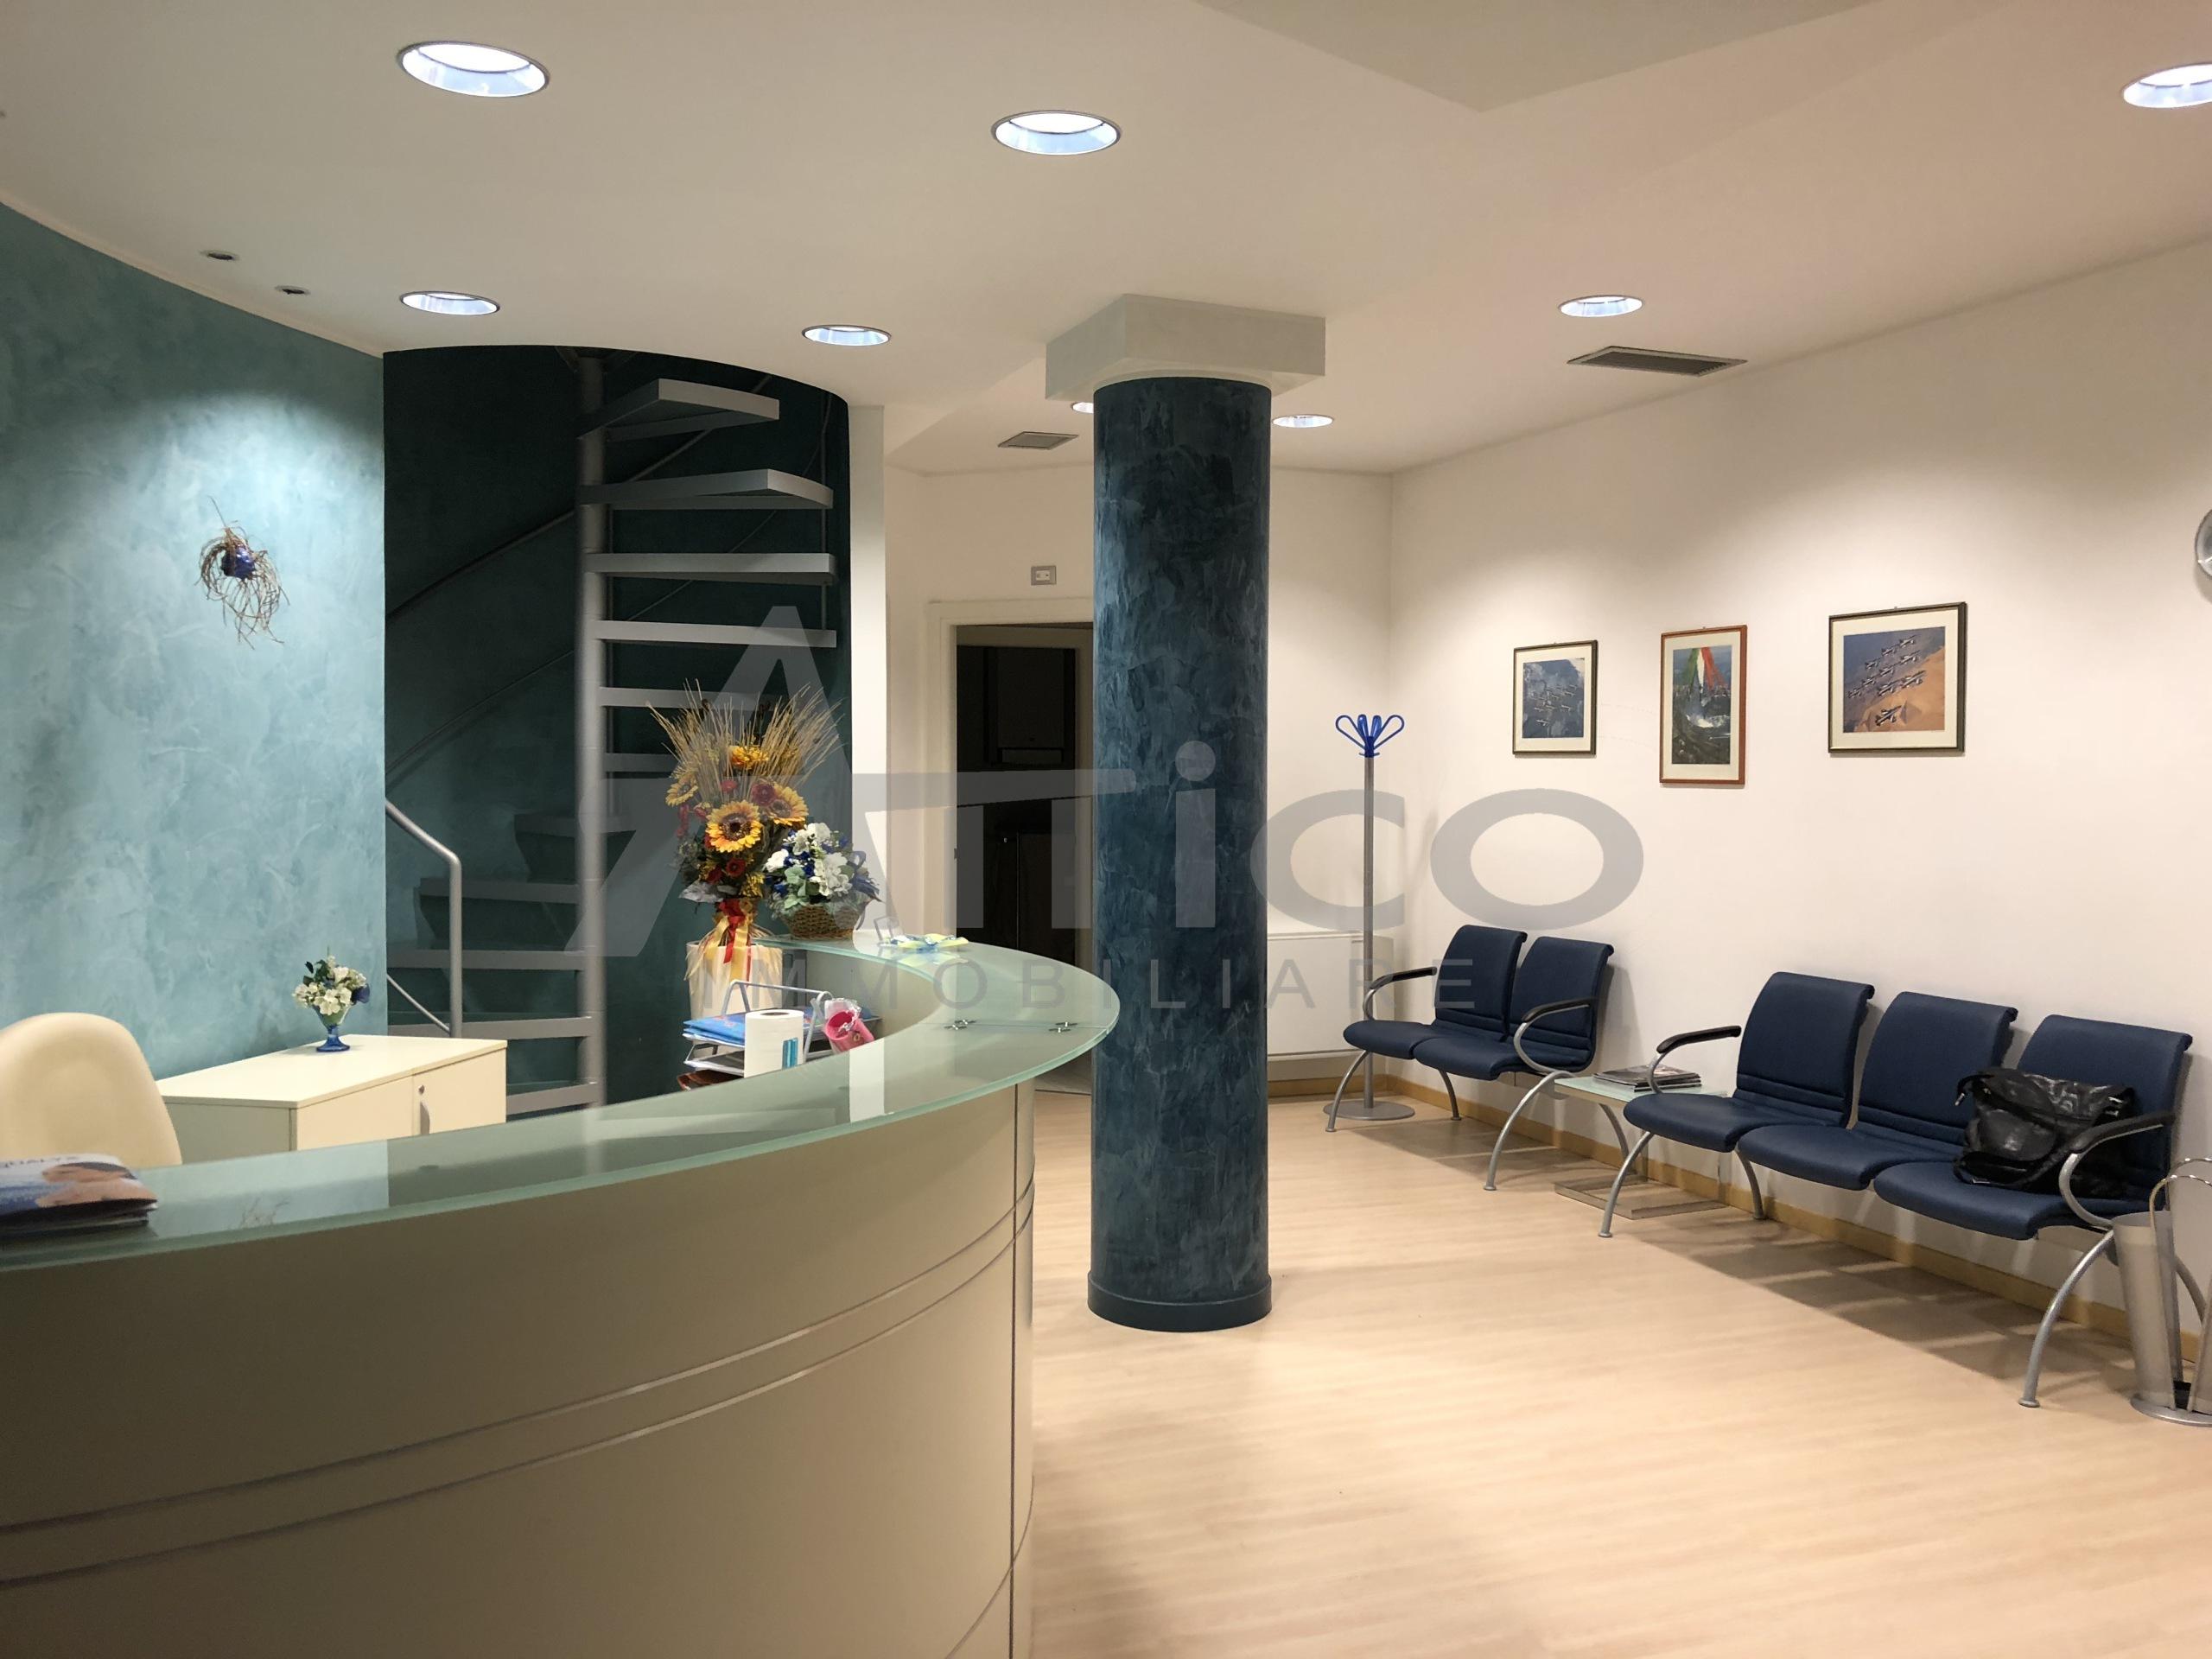 Ufficio Rovigo : Codice a1222 ufficio vendita a rovigo attico immobiliare